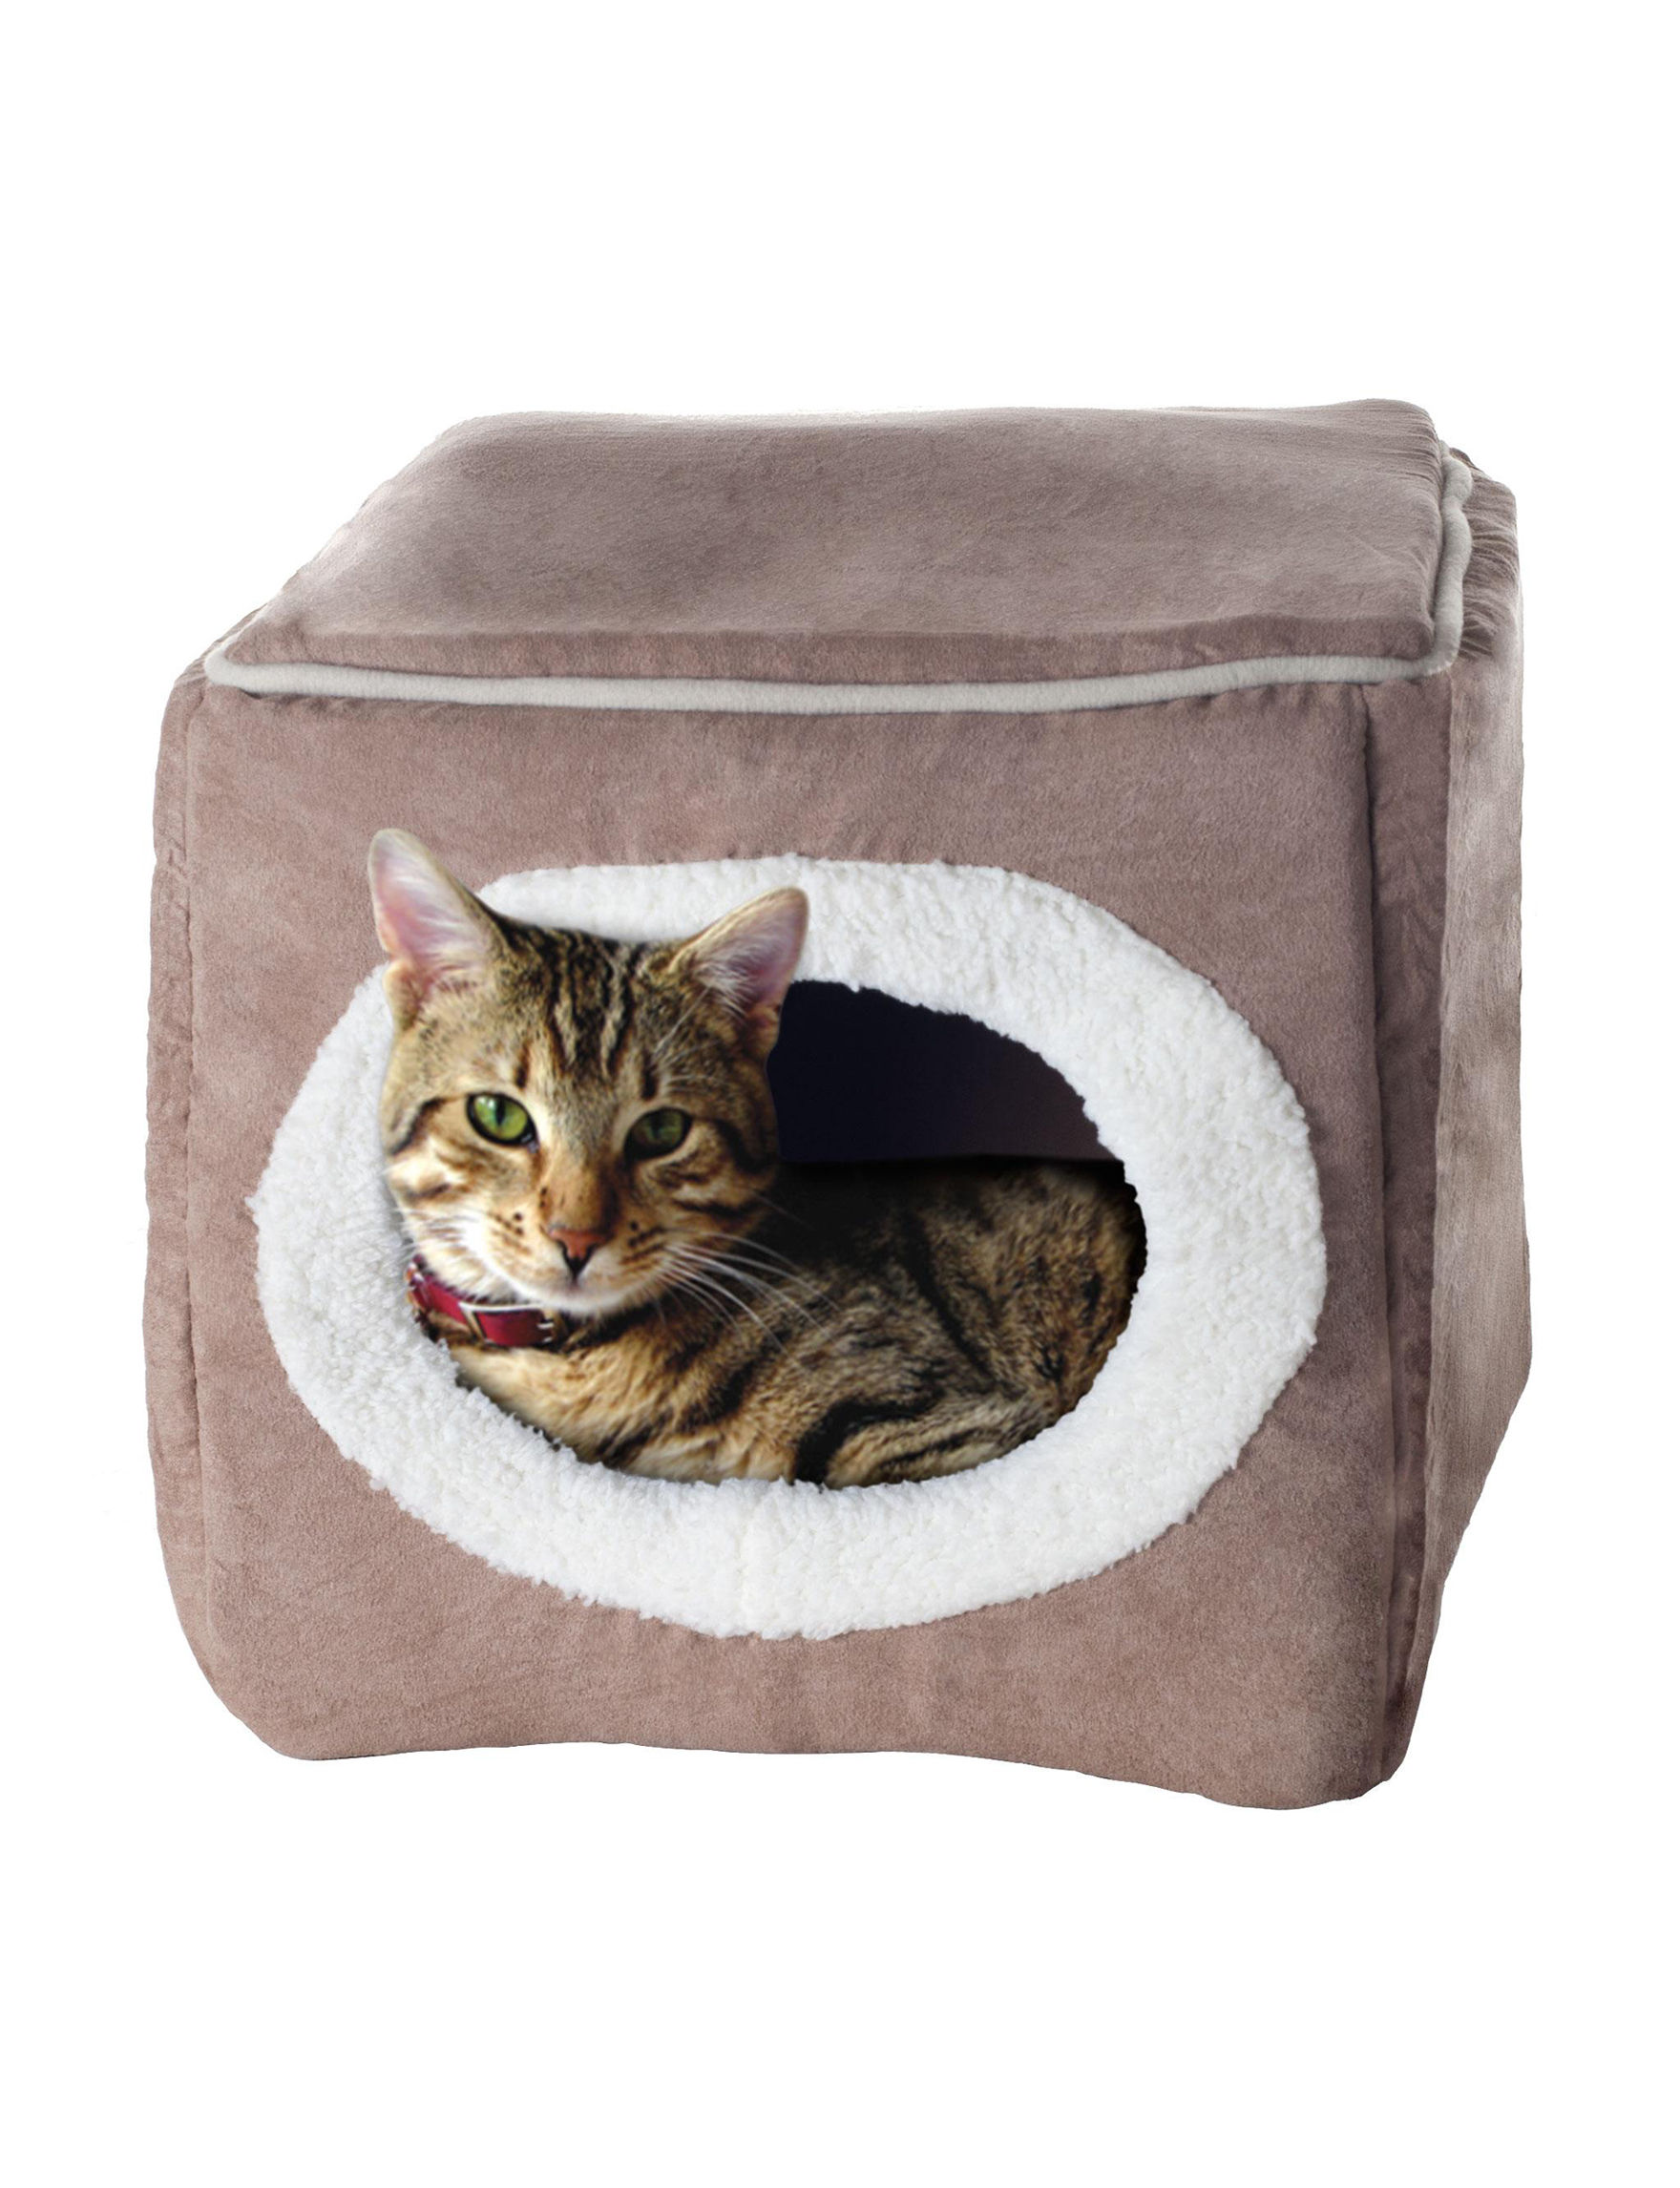 Petmaker Tan Pet Beds & Houses